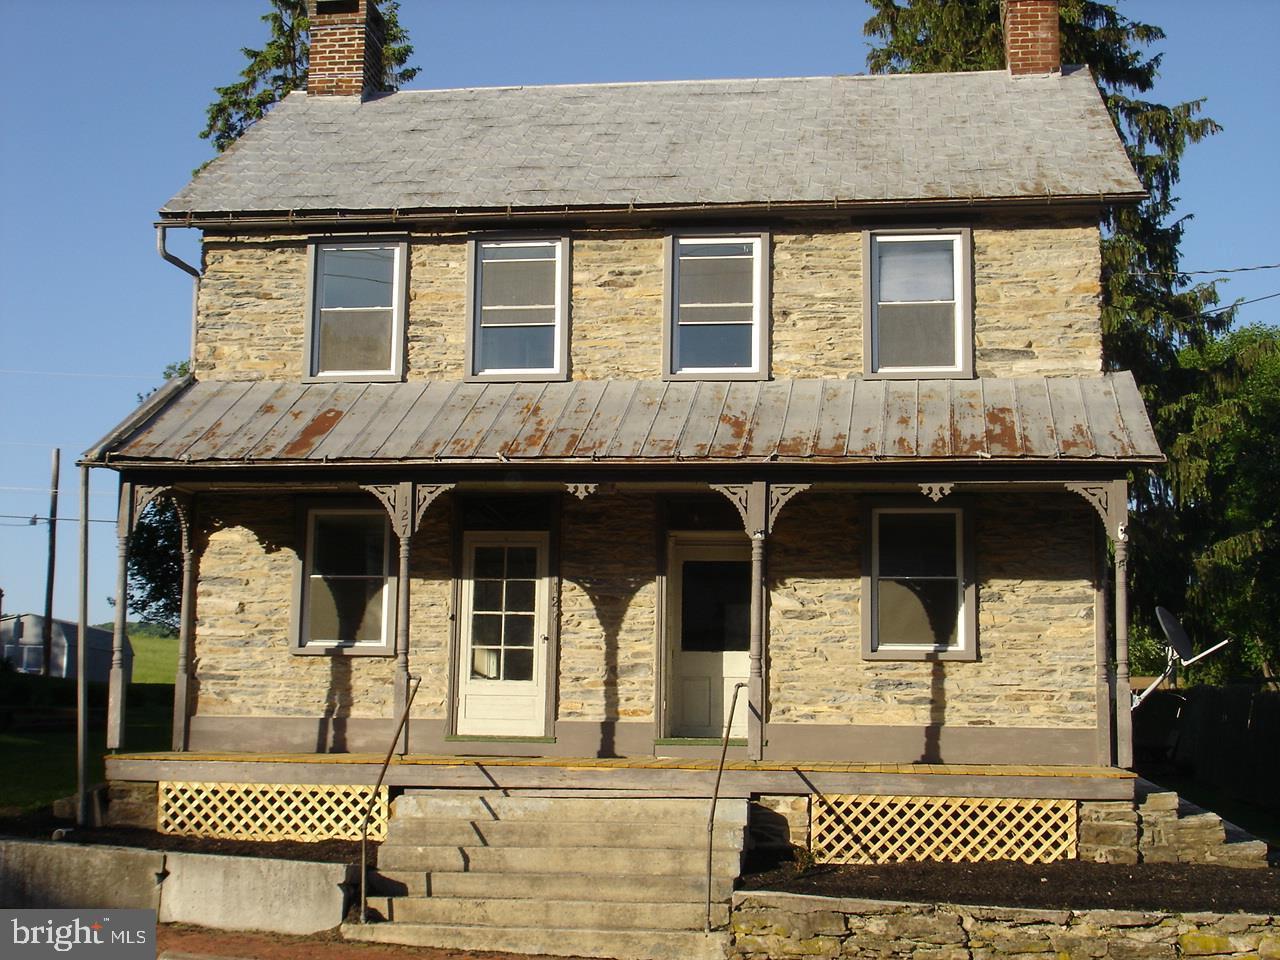 127 N MAIN STREET, BENDERSVILLE, PA 17306